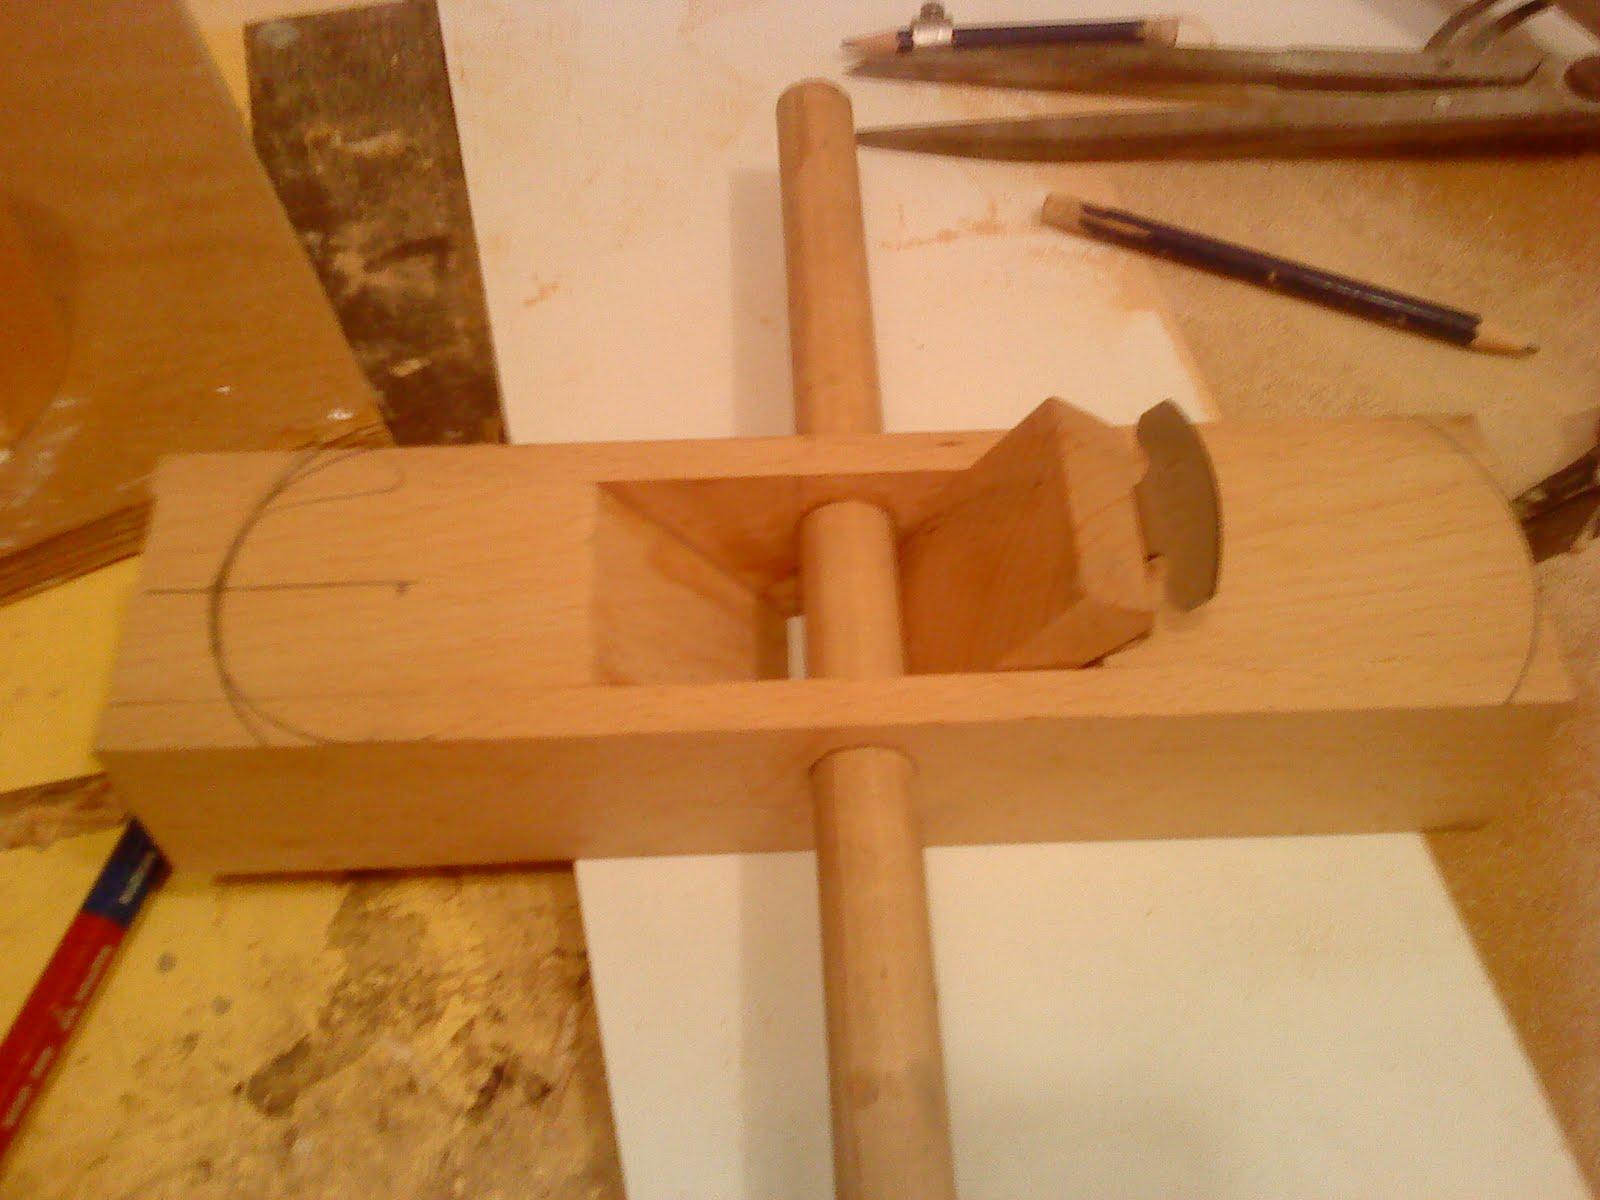 Pin cepillo para madera carpinteria on pinterest - Cepillo de madera ...